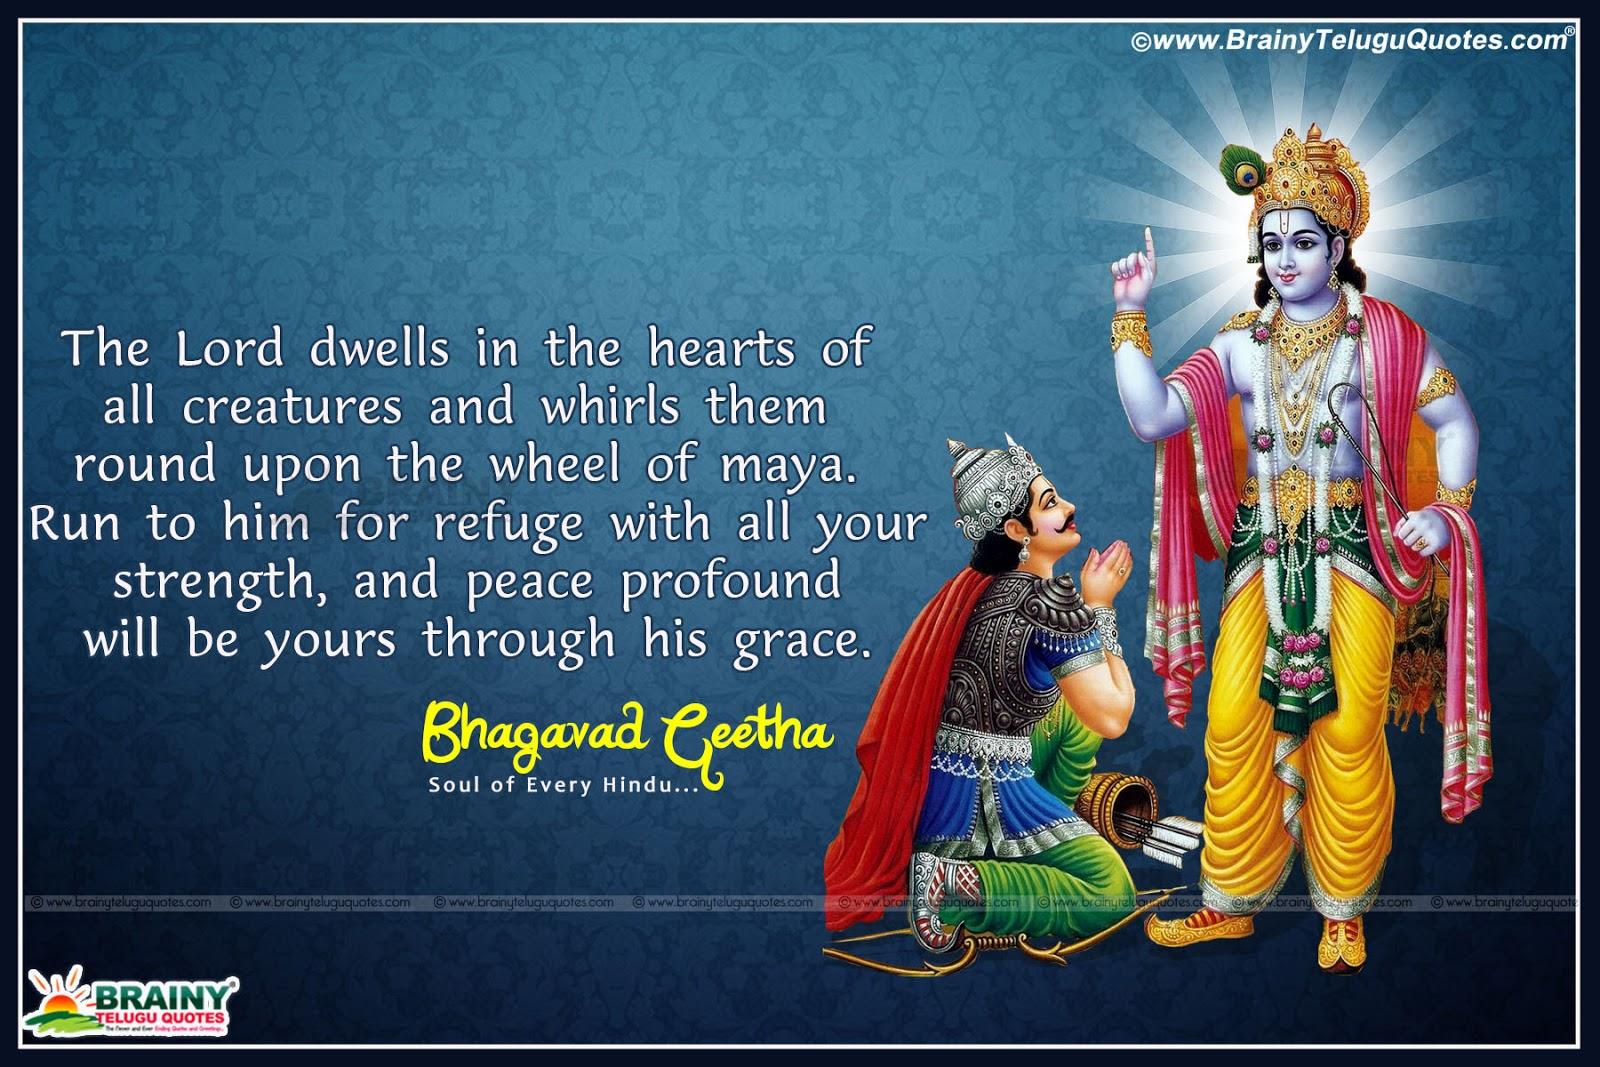 Famous Bhagavad Gita Quotes In Tamil Famous Quotes Bhagavad Gita